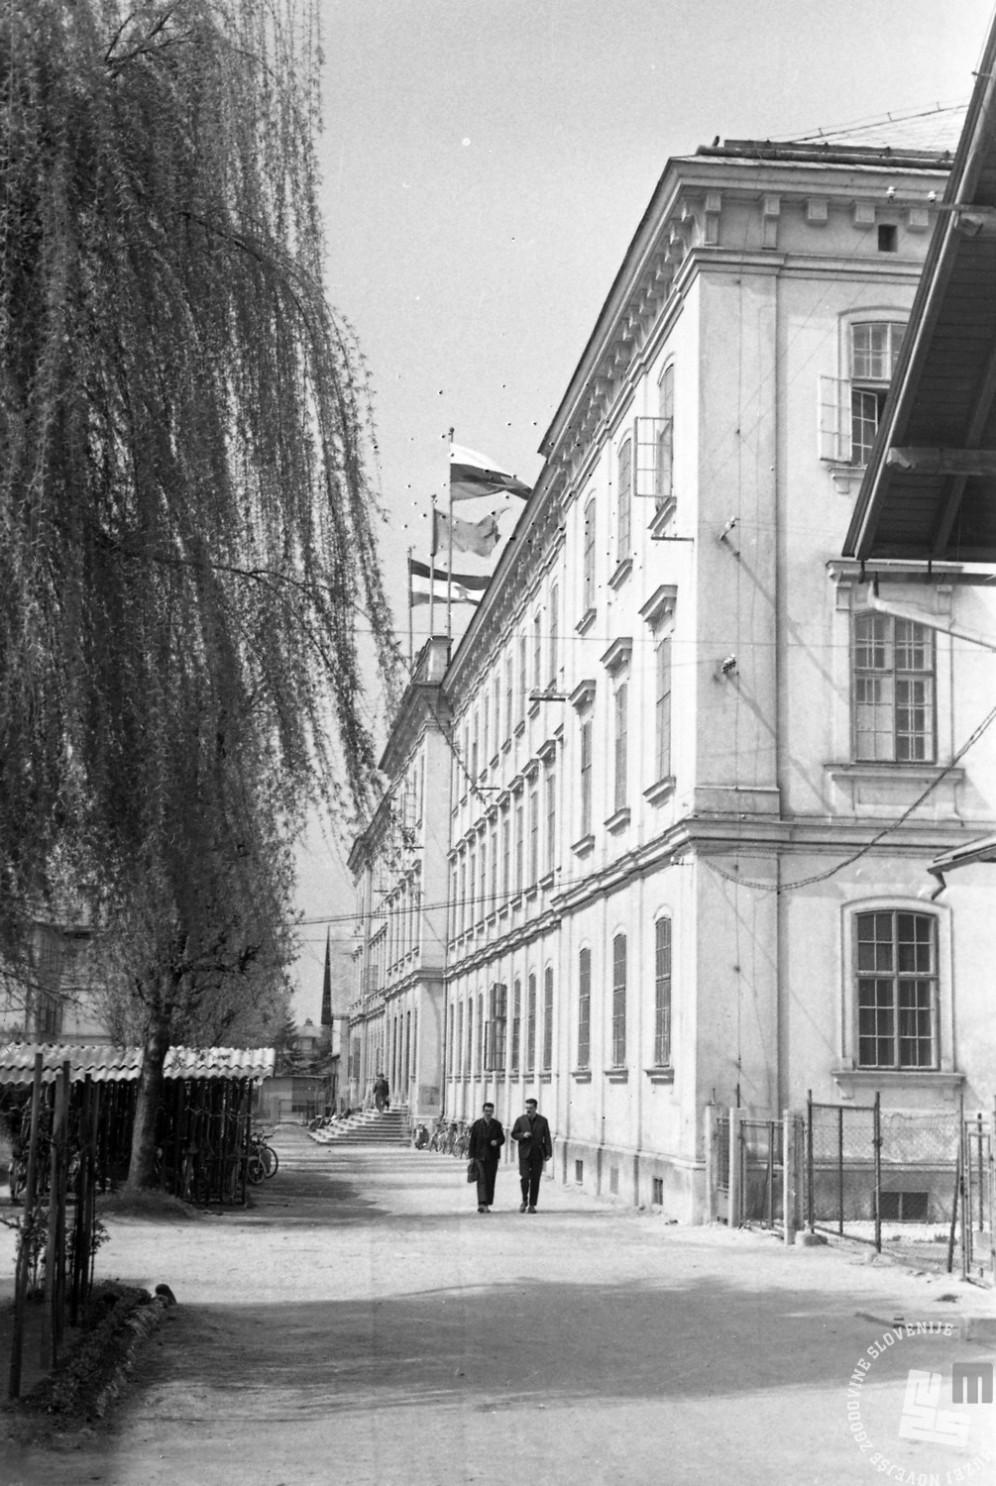 MC630507_5: Obsežen tovarniški kompleks je bil zgrajen med letoma 1871 in 1890. Načrte zanj so zarisala na Dunaju in je bil med največjimi v Avstro - Ogrski monarhiji in največji v mestu. Ljubljanska tobačna tovarna je bila tipska, s svojim paviljonskim sistemom in programom pa je bila mesto v mestu. Ljubljana, 1963, foto: Marjan Ciglič.